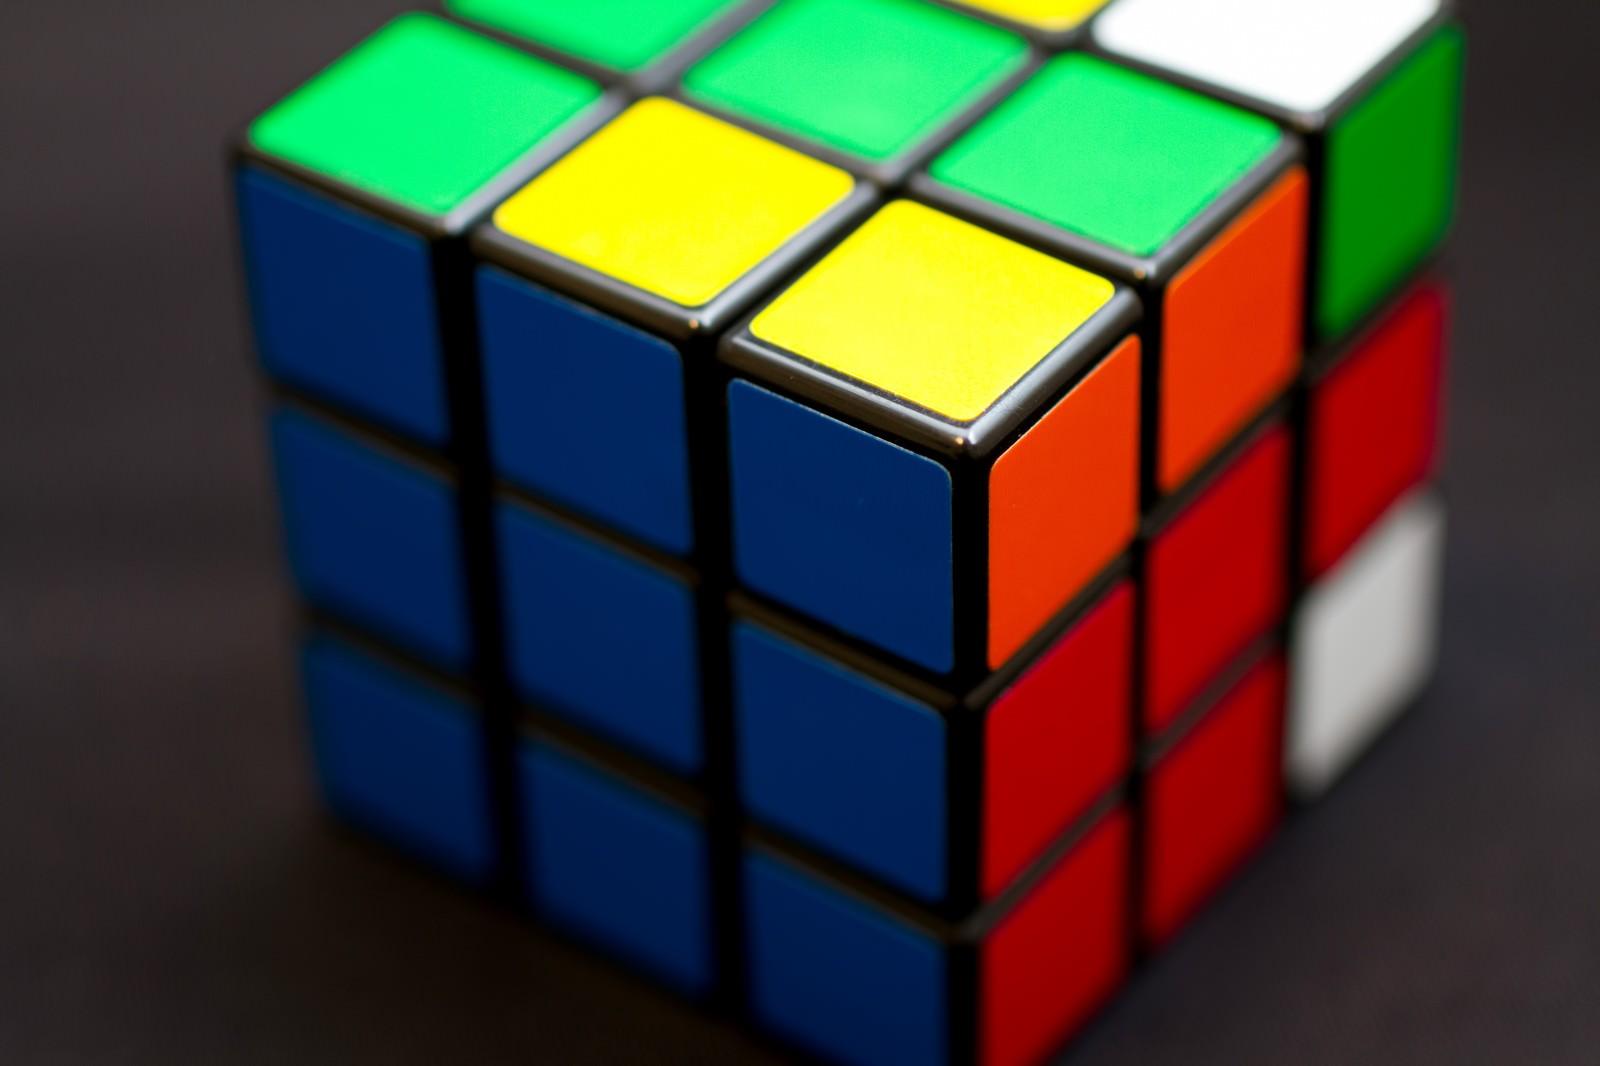 「ルービックキューブ」の写真